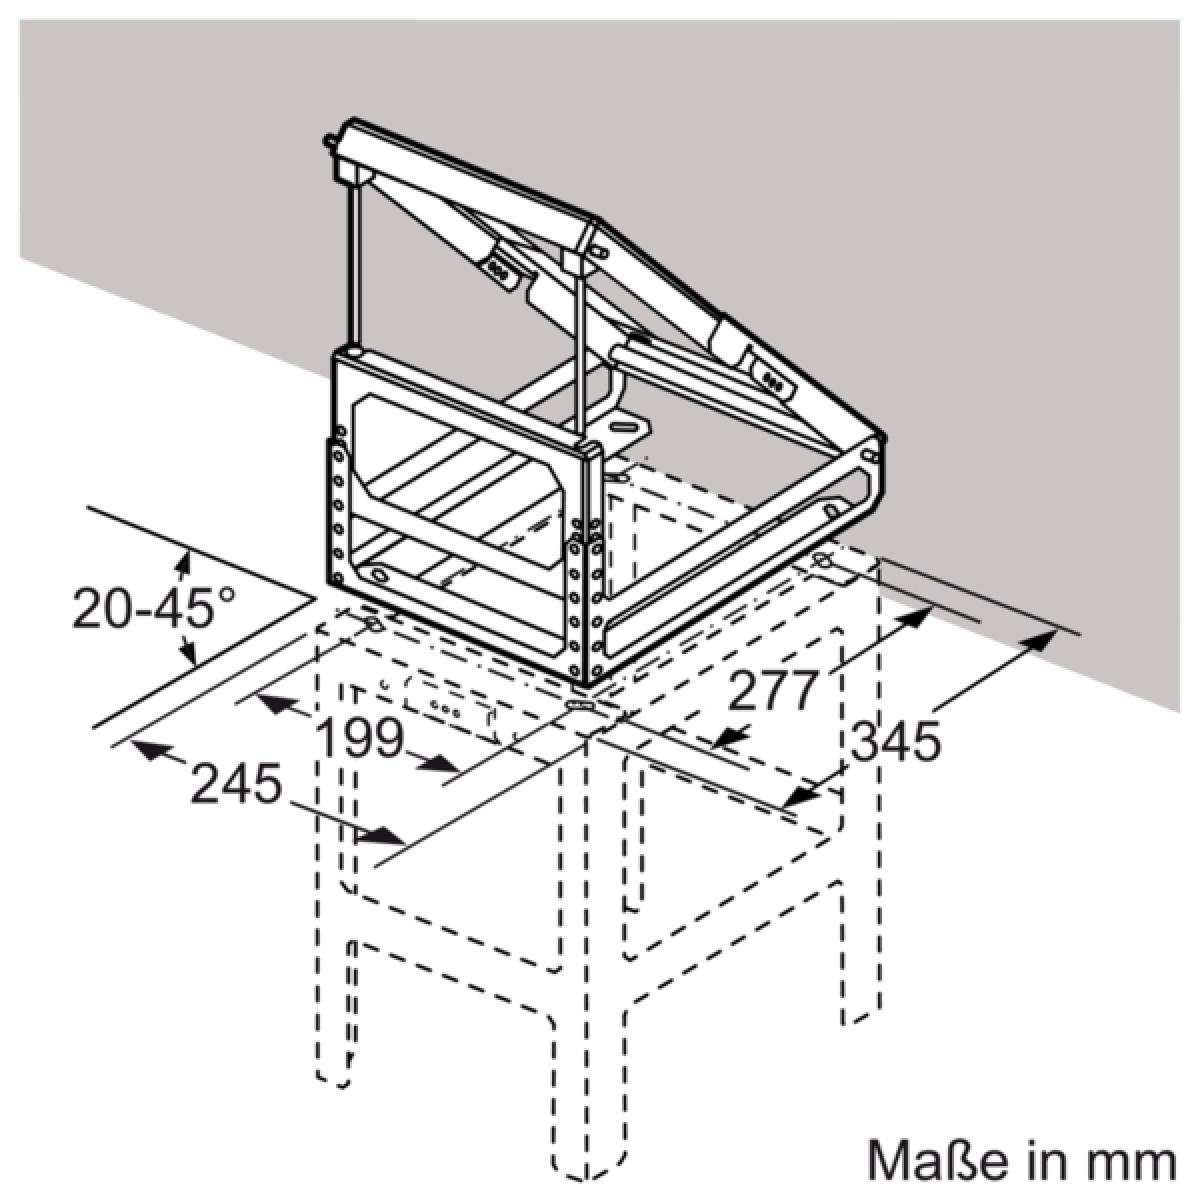 Dunstabzugshaube Für Dachschräge 2021